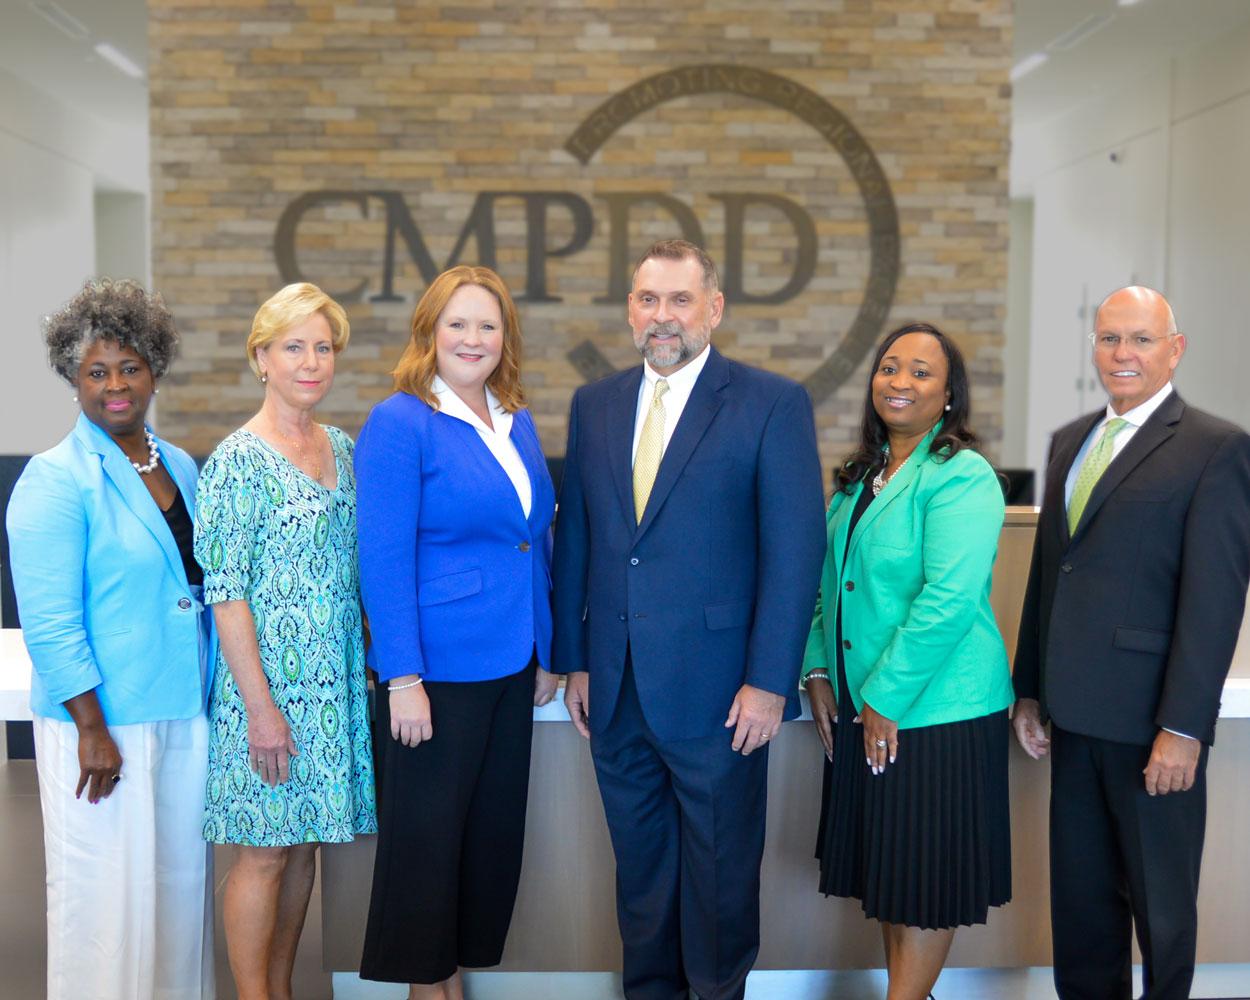 Staff | CMPDD